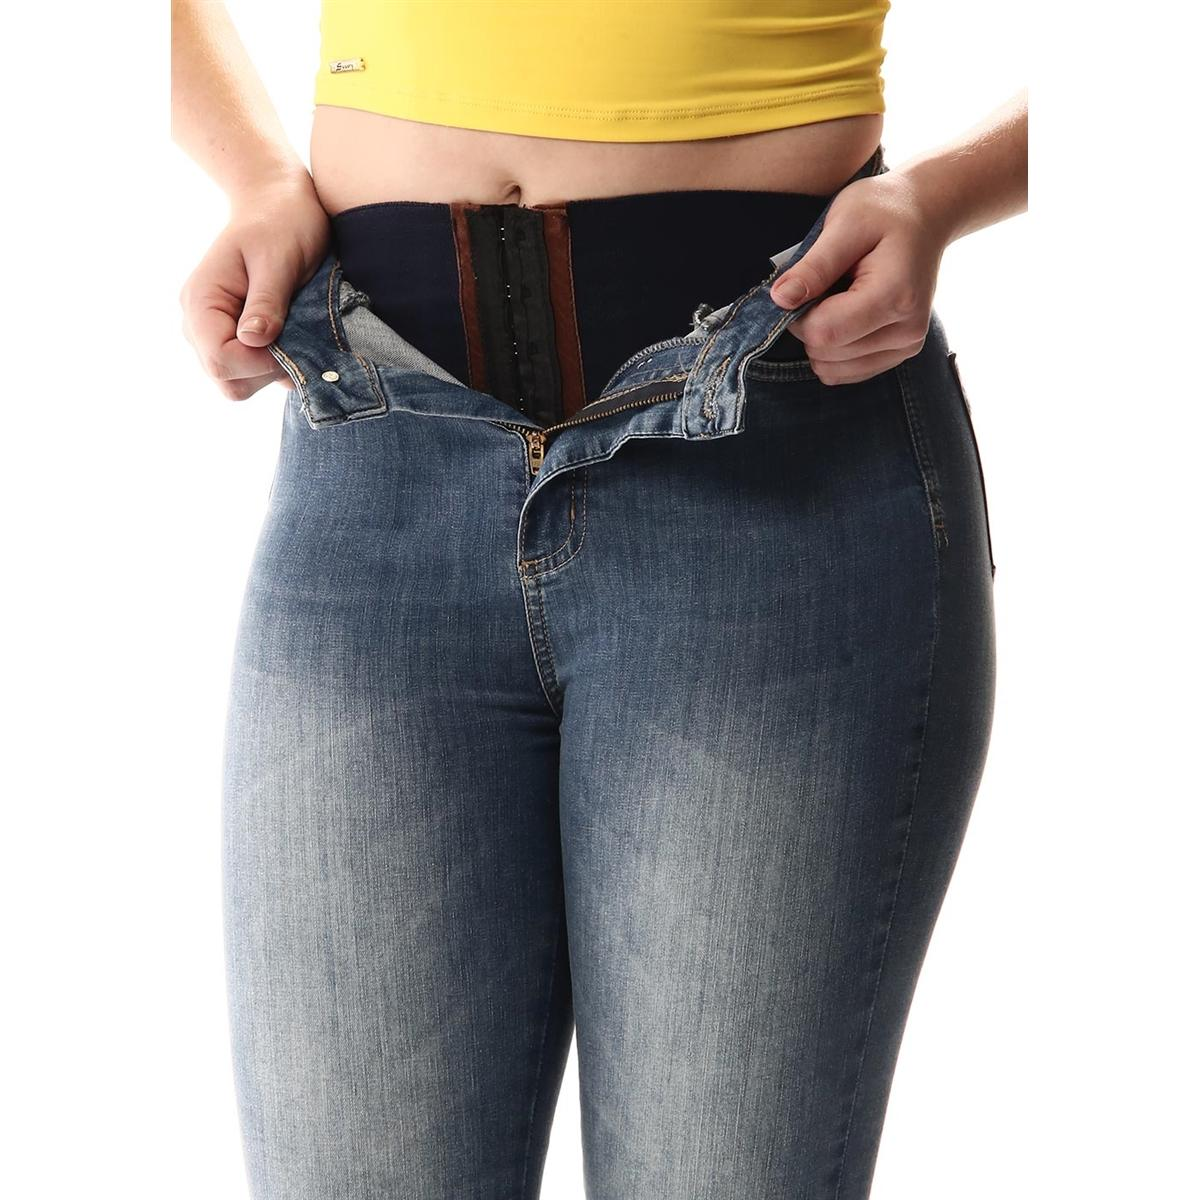 cc956547f Calça Jeans Feminina Super Lipo Com Cinta Interna Barra Dobrada - Sawary R   89